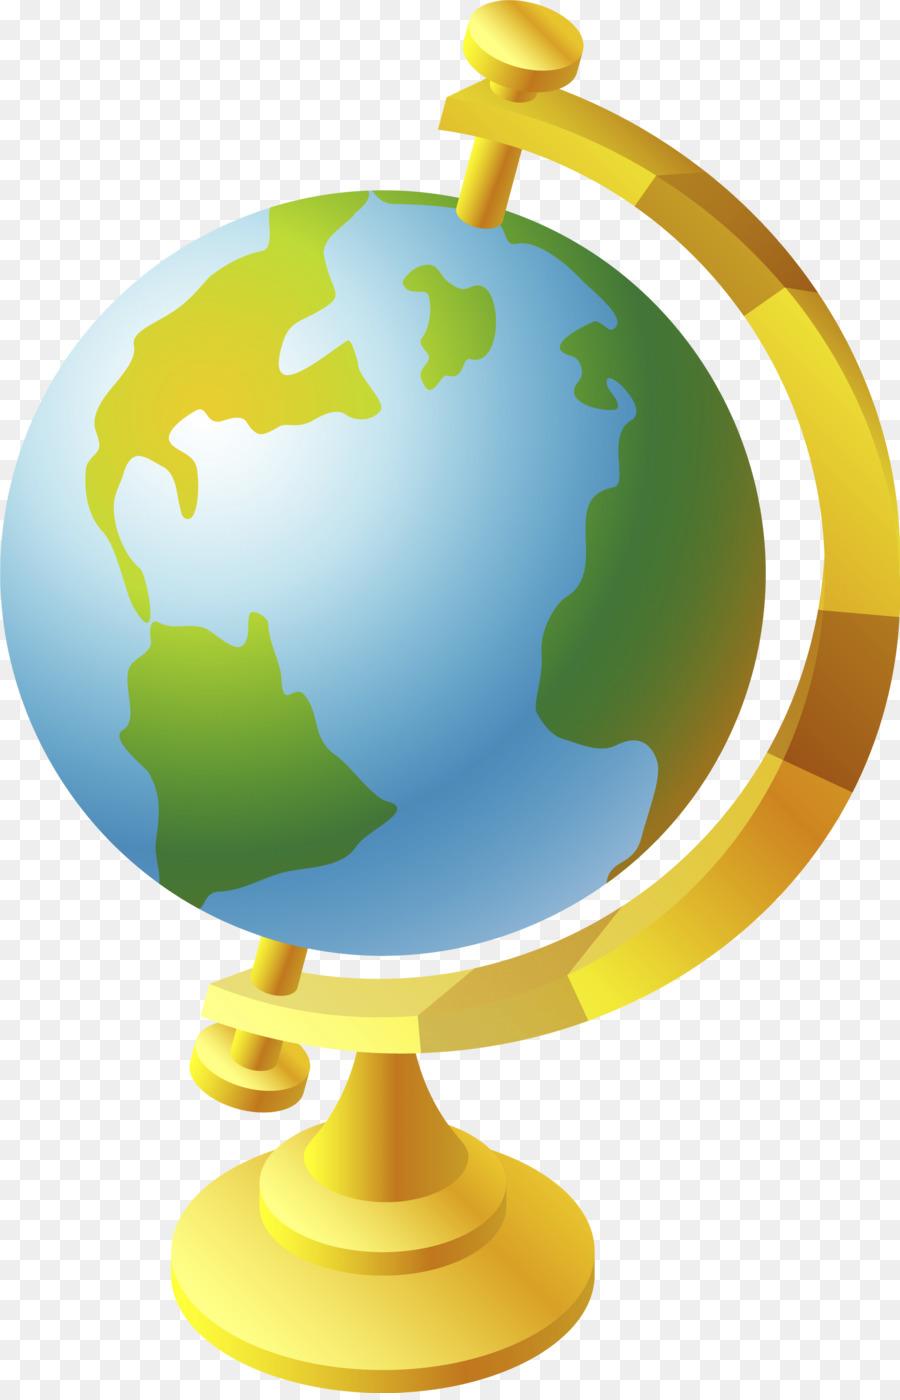 анимация картинок глобус курской области